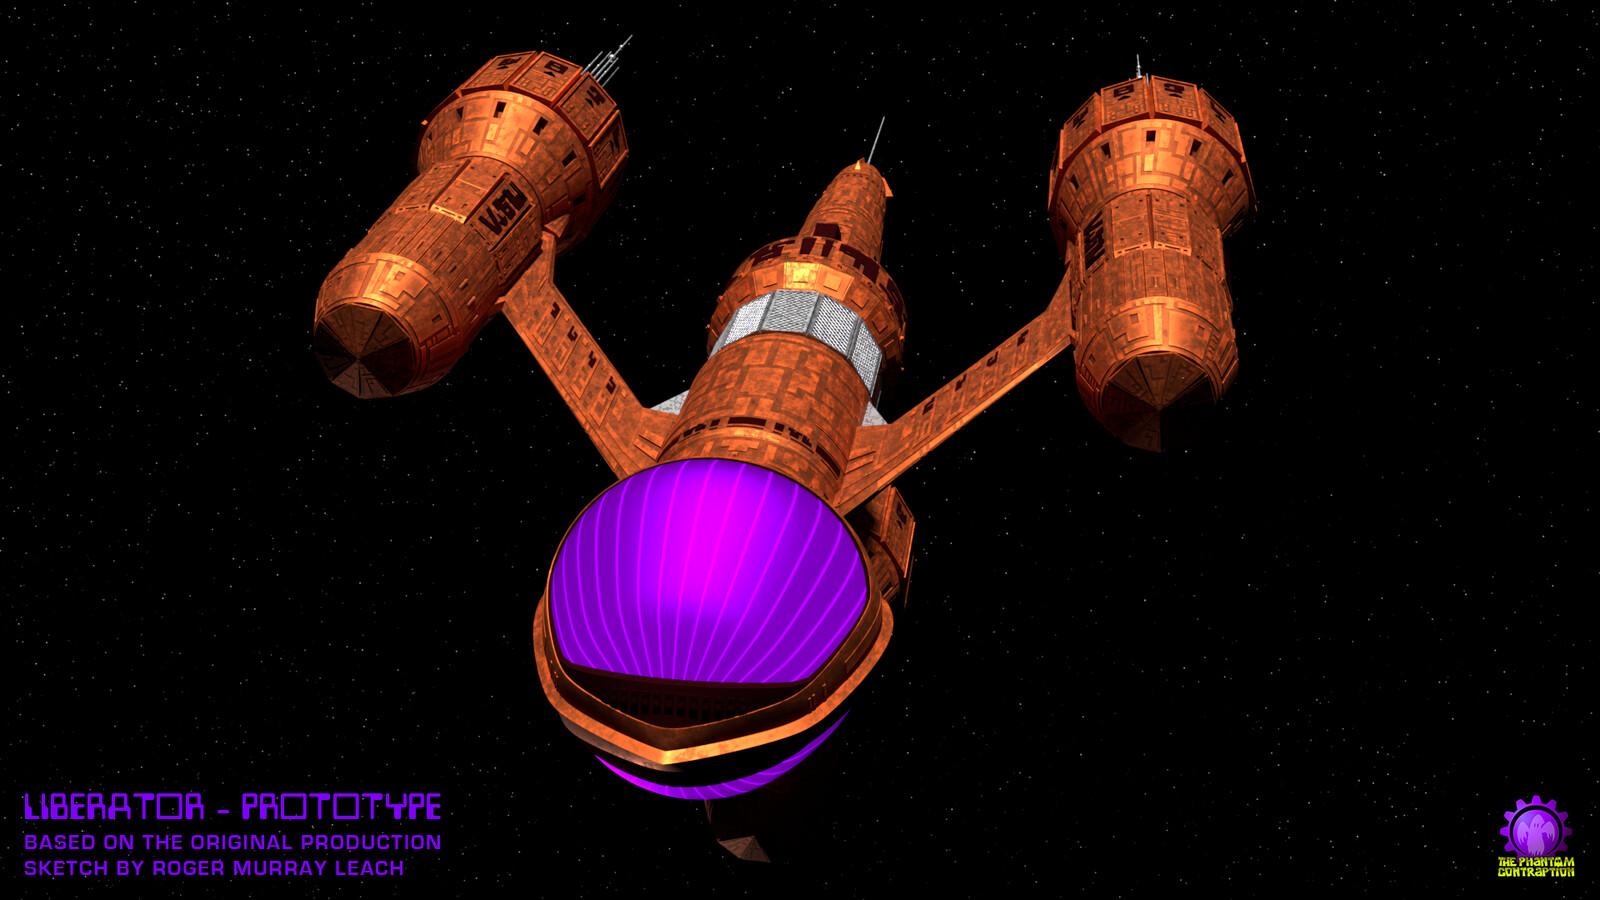 Liberator Prototype